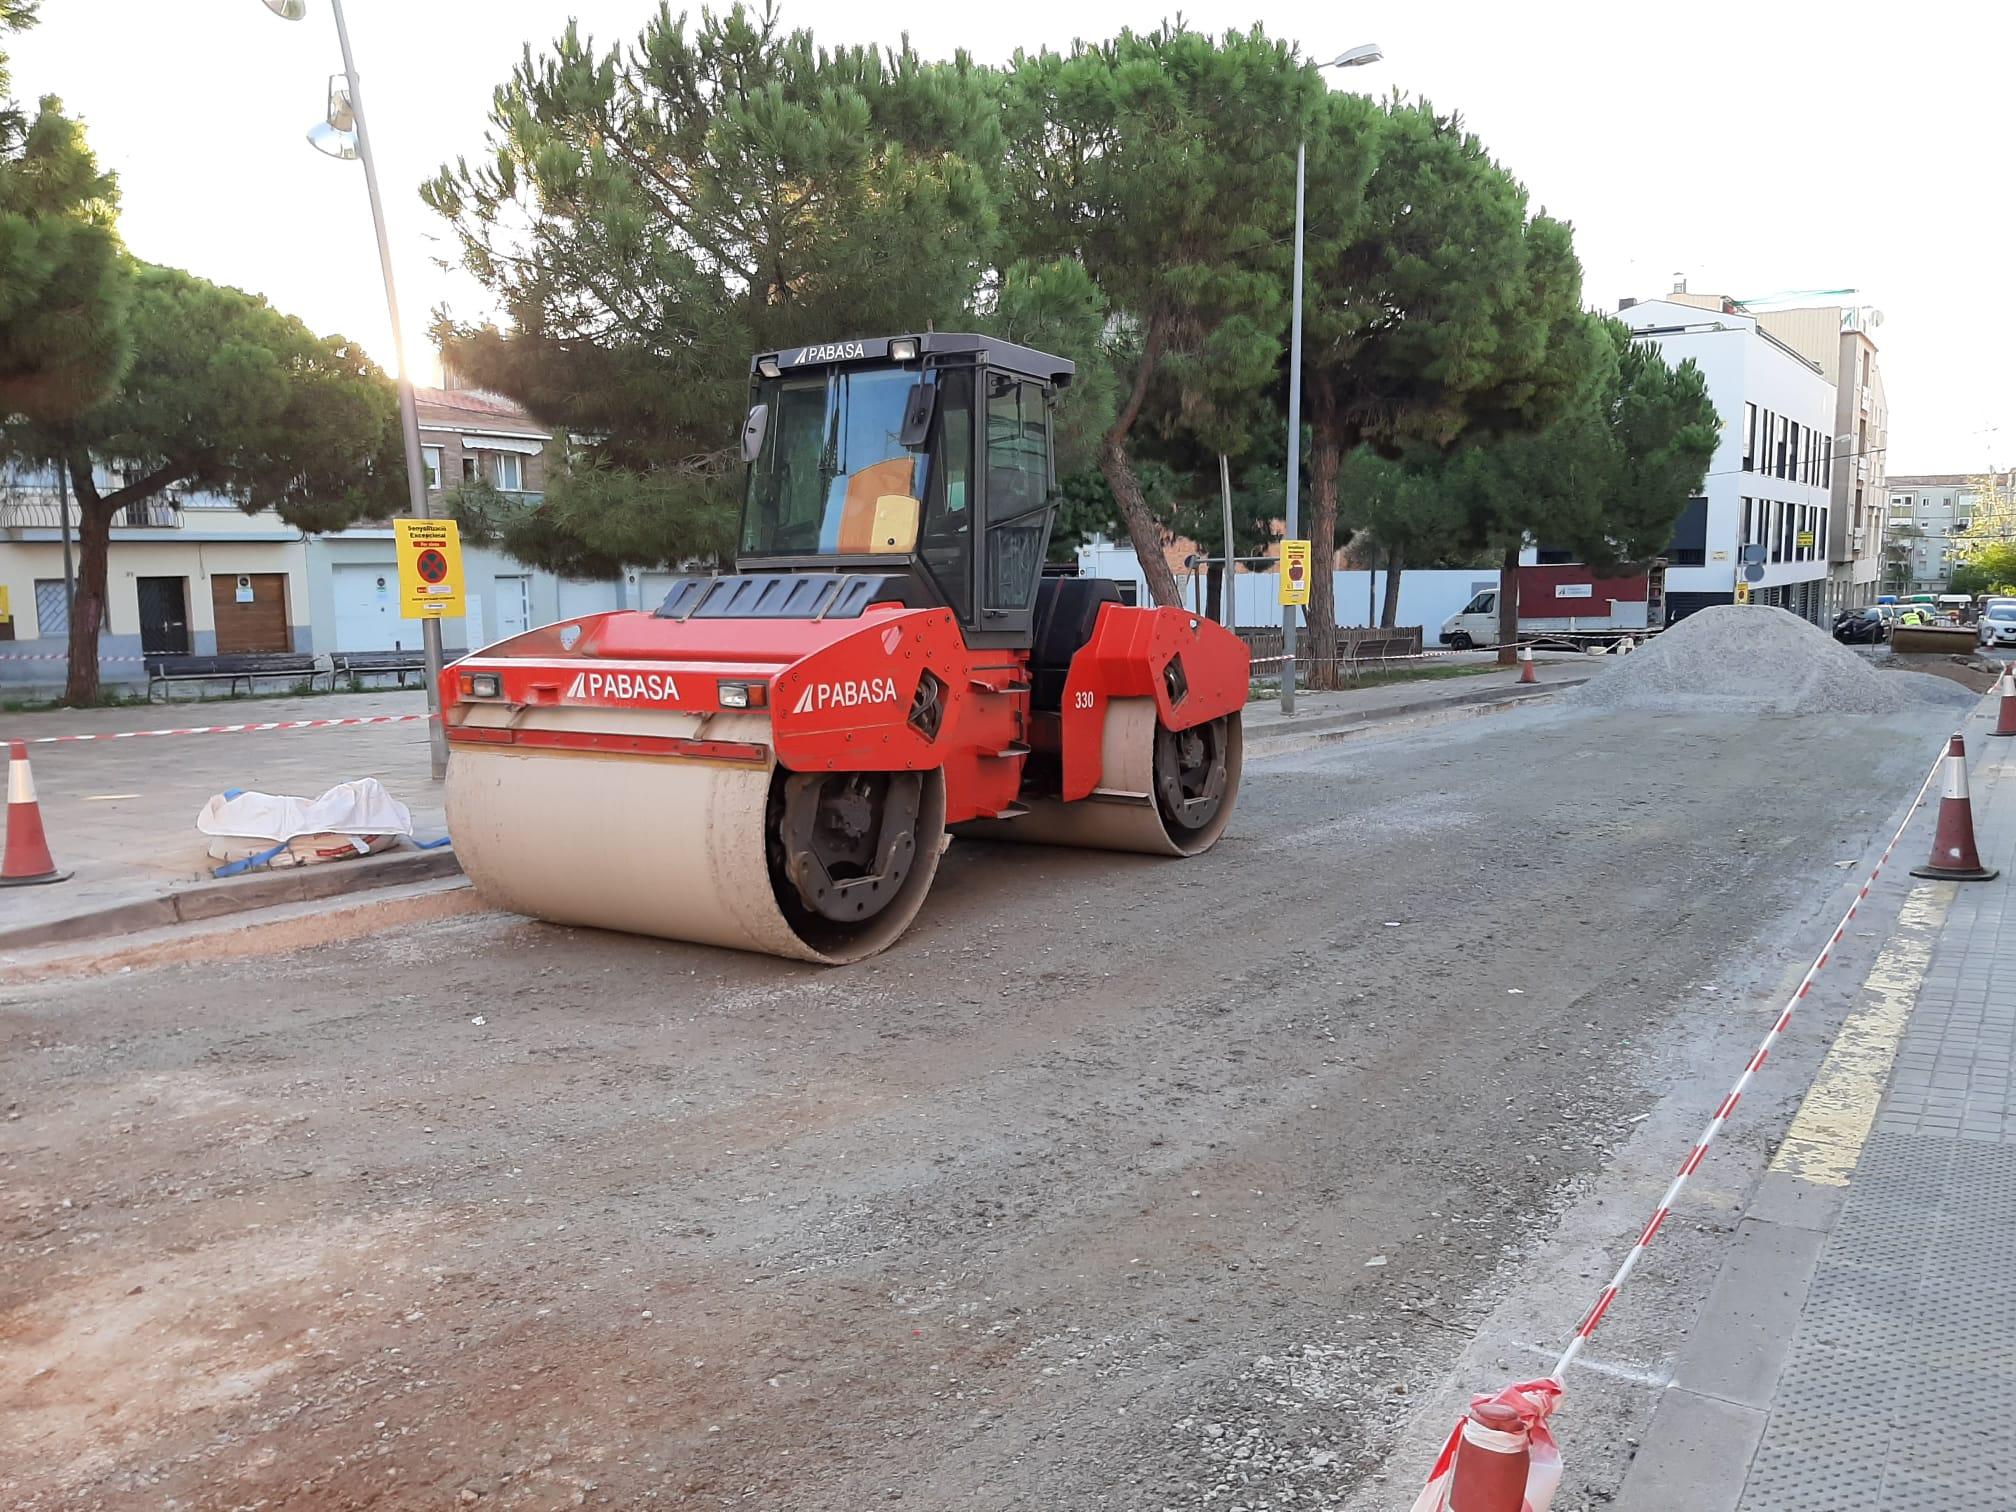 S'aprova el projecte de renovació del paviment de calçades i carrers de la ciutat